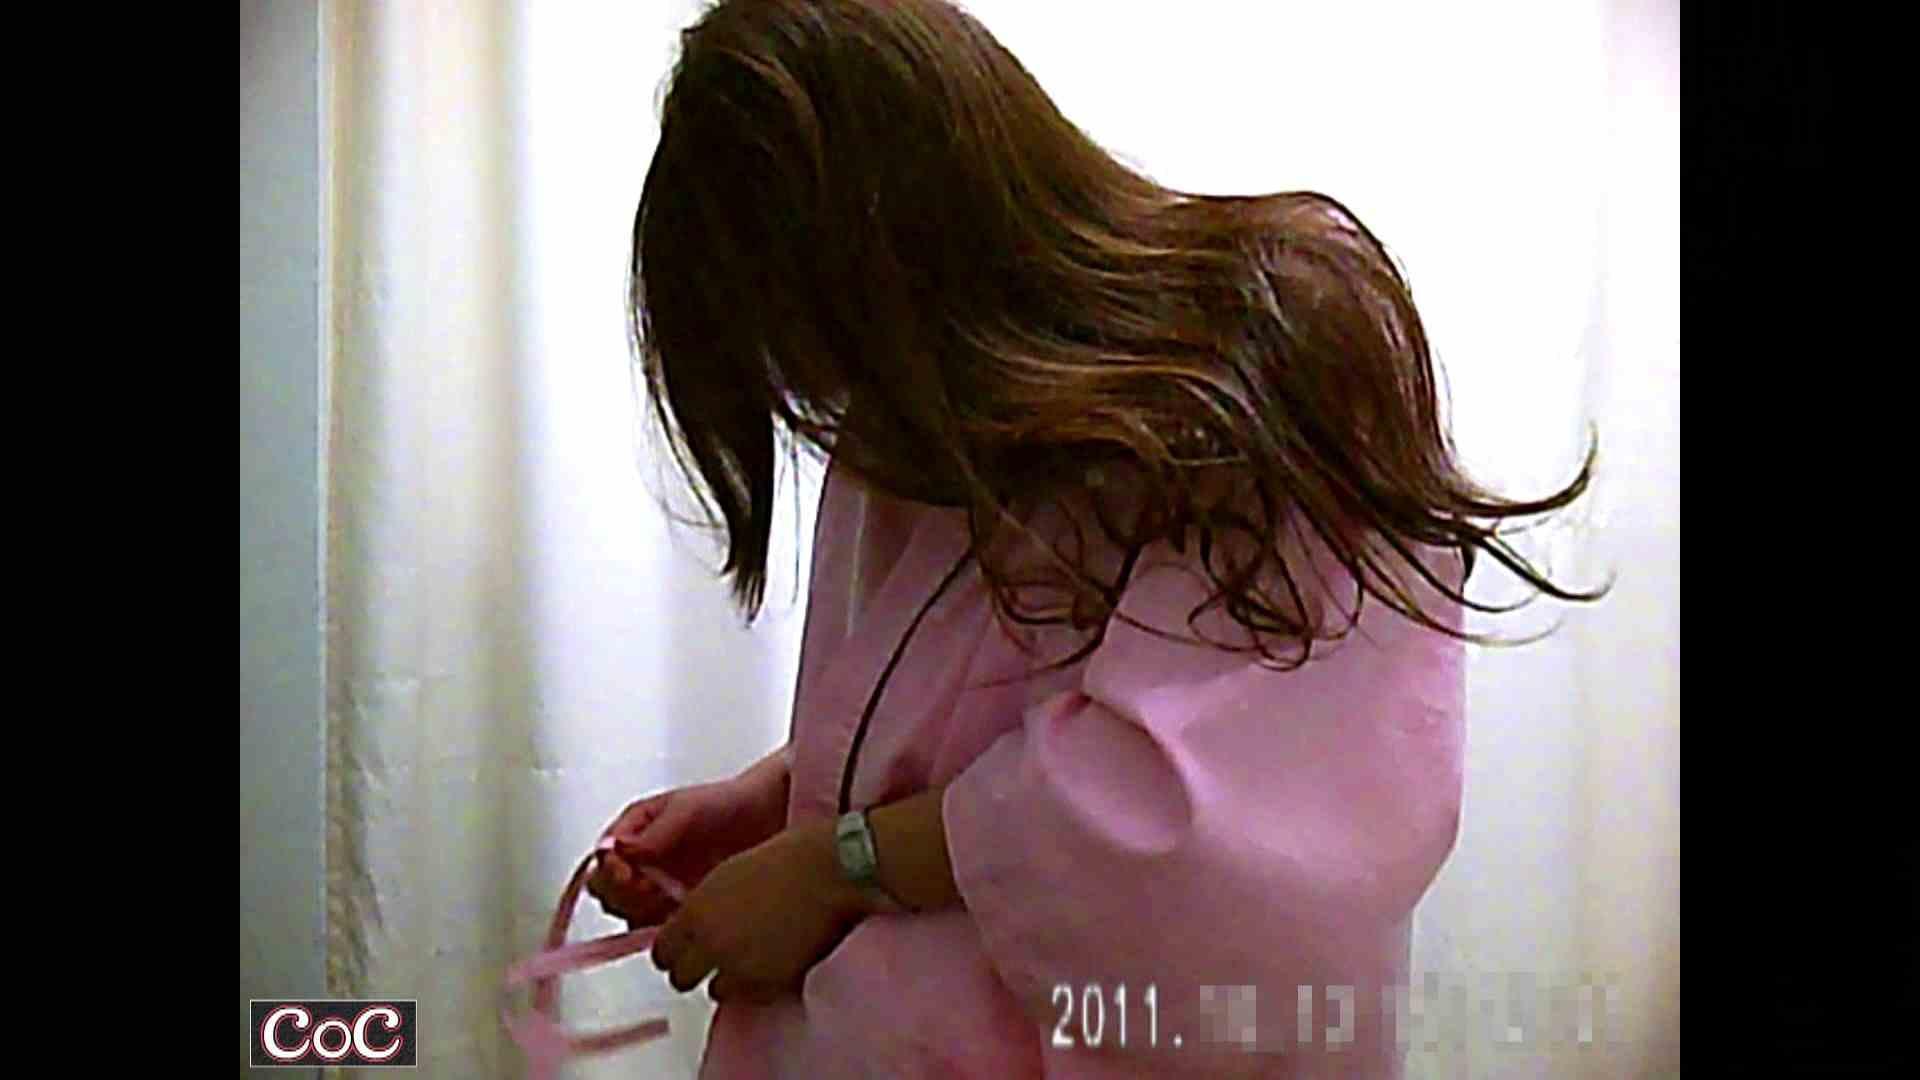 病院おもいっきり着替え! vol.58 乳首 オマンコ無修正動画無料 86画像 60